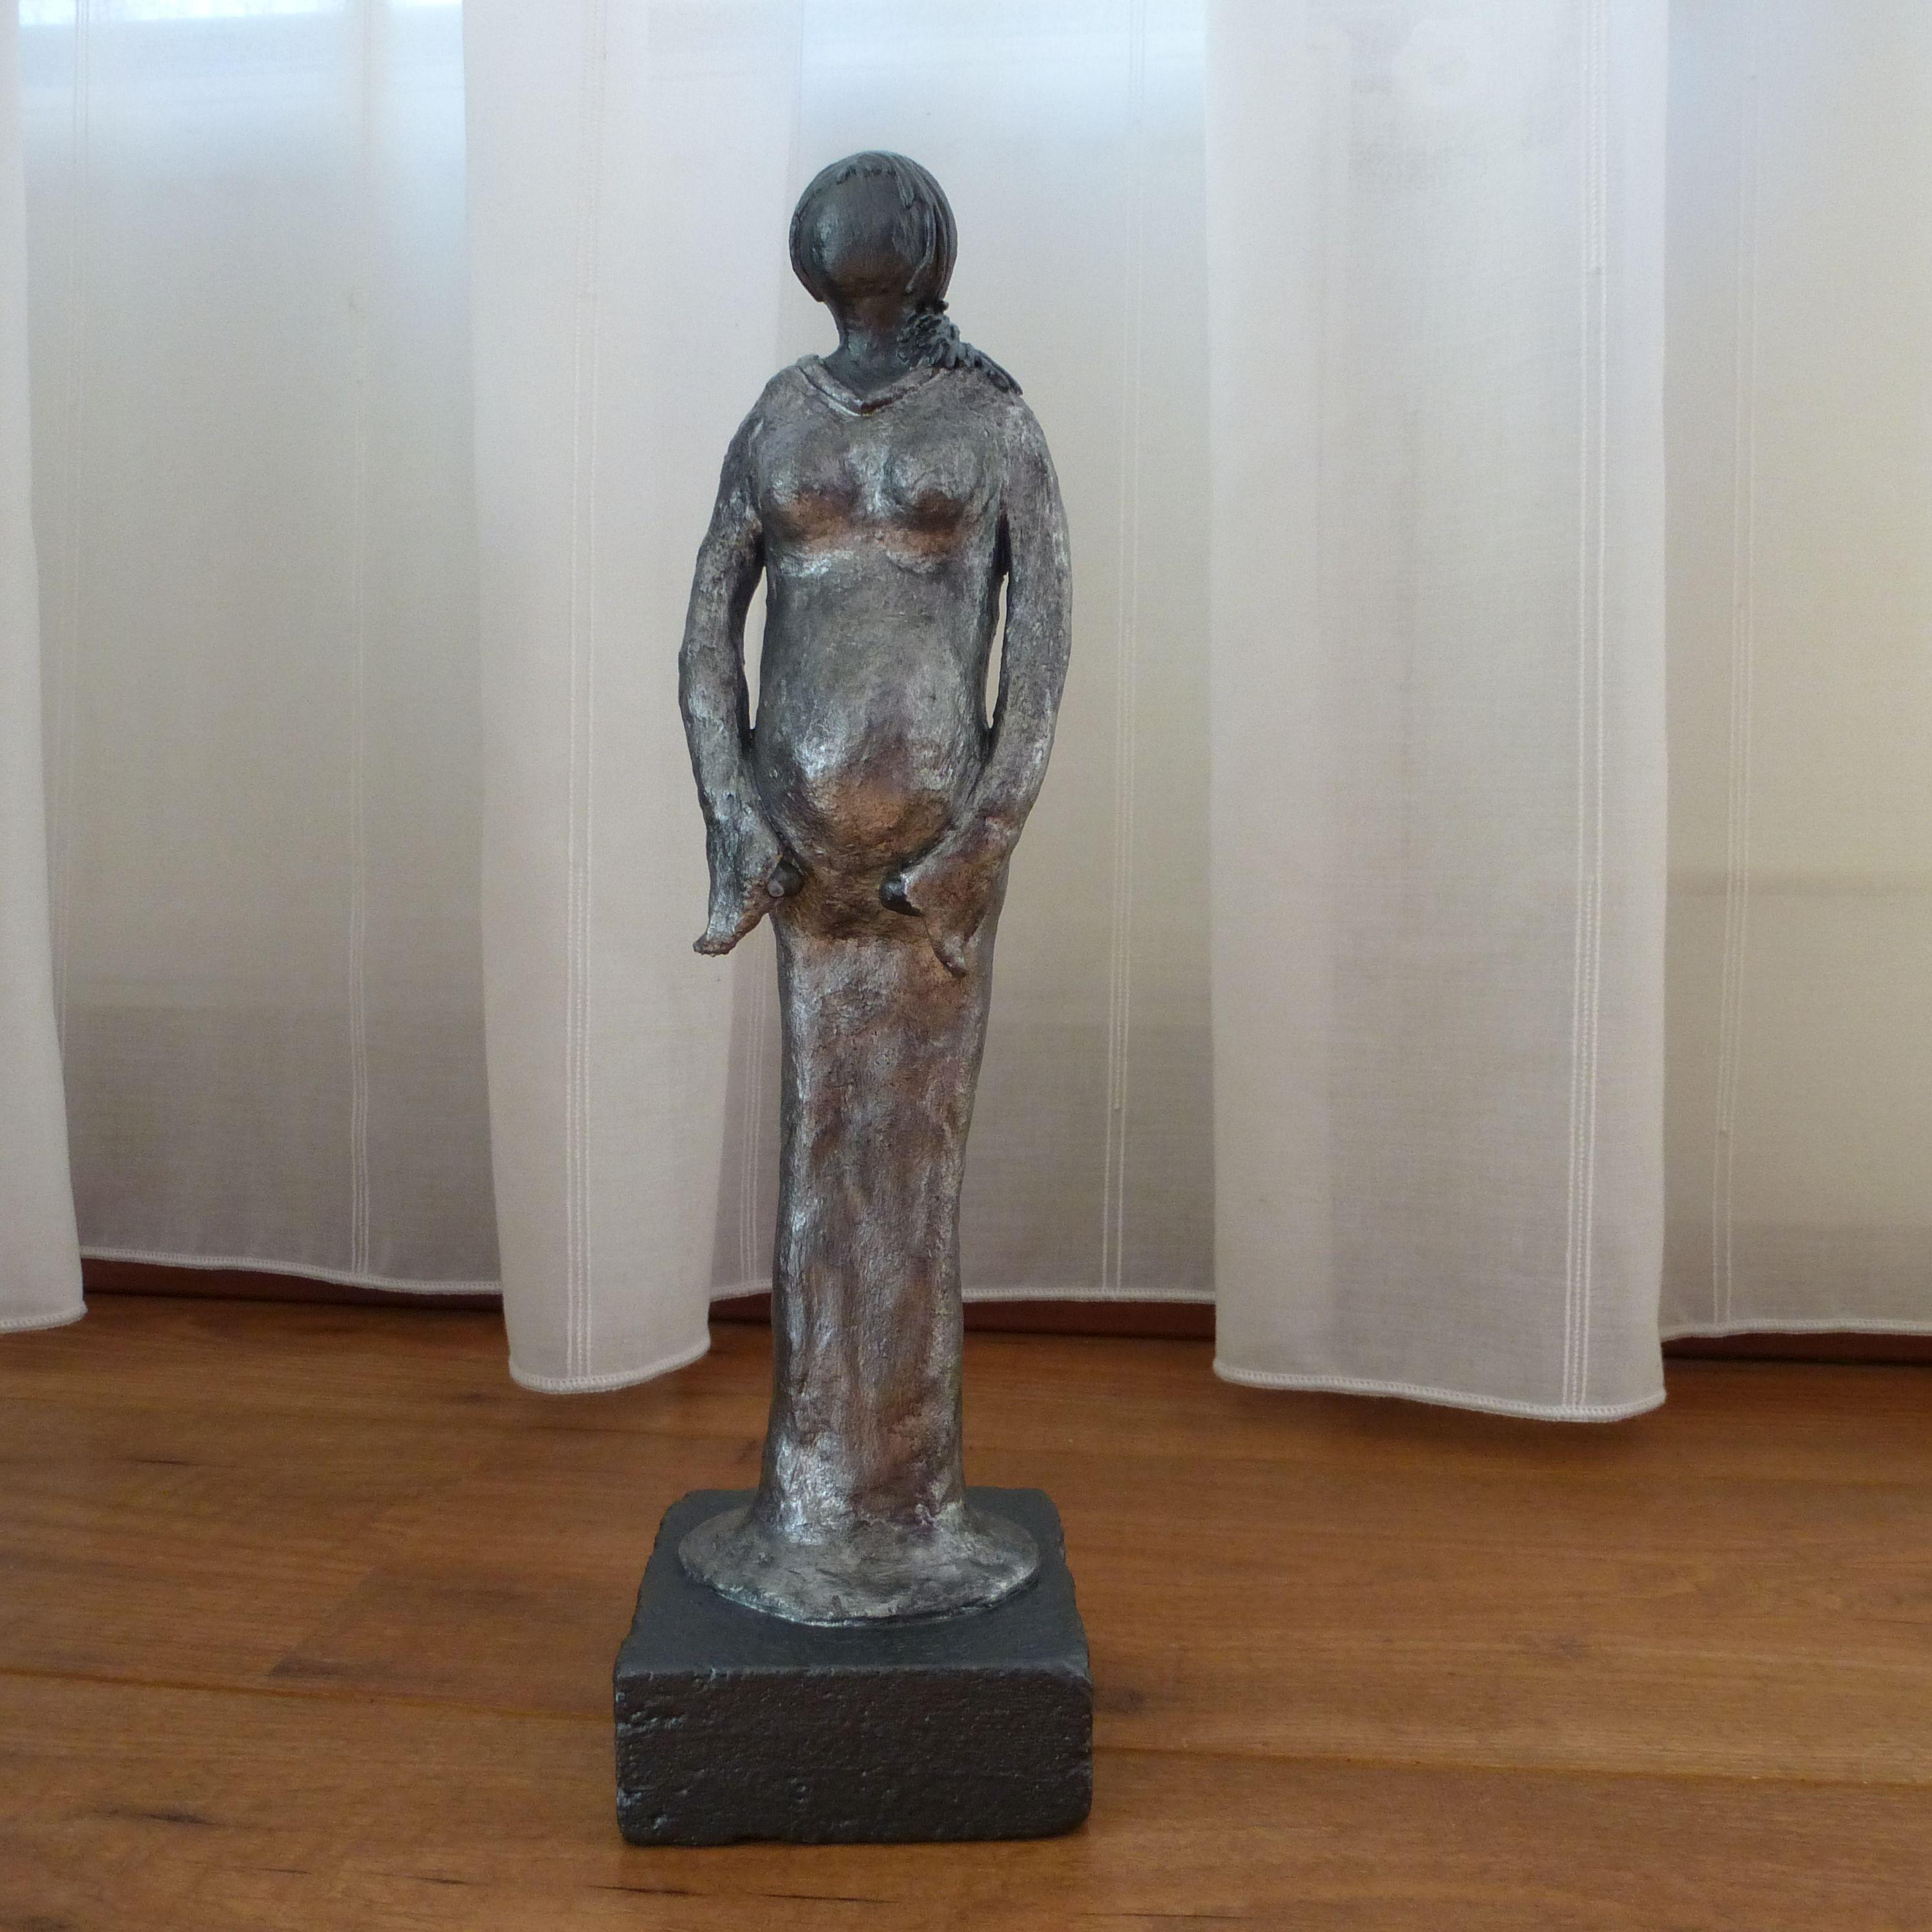 Zwangerschap en geboorte blijft een bijzonder iets dit is een decoratie beeld of figuur van een - Beeld van decoratie ...